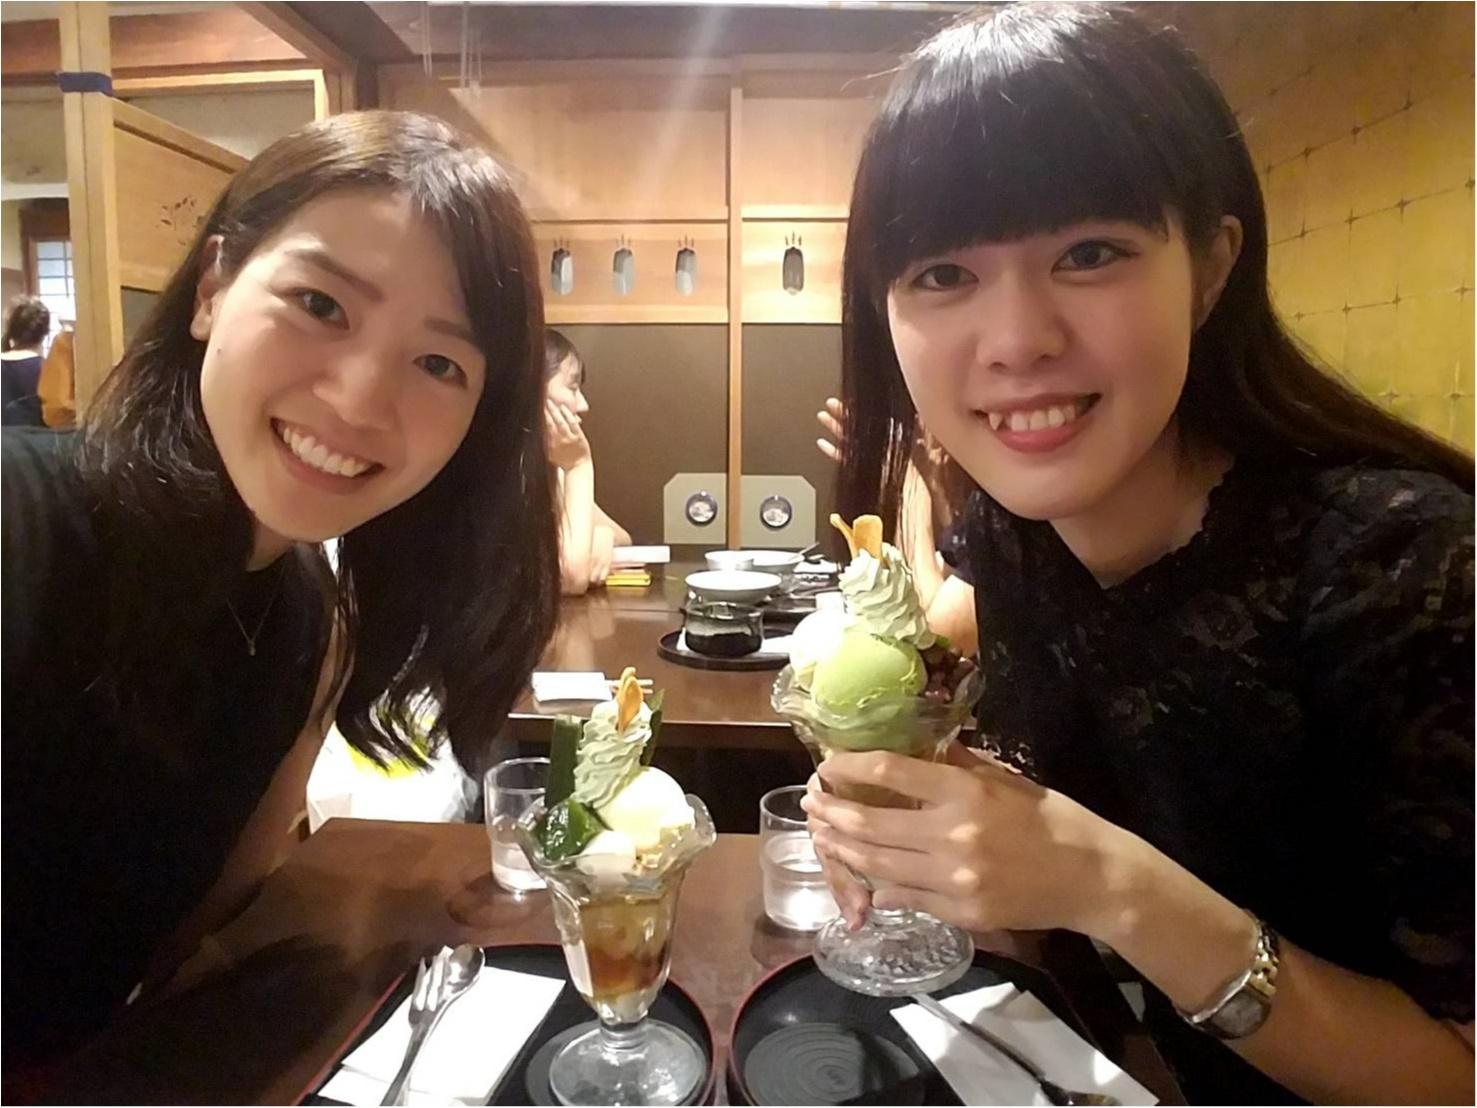 熊本でモアチャレメンバーと再会!【#モアチャレ 熊本の魅力発信!】_1